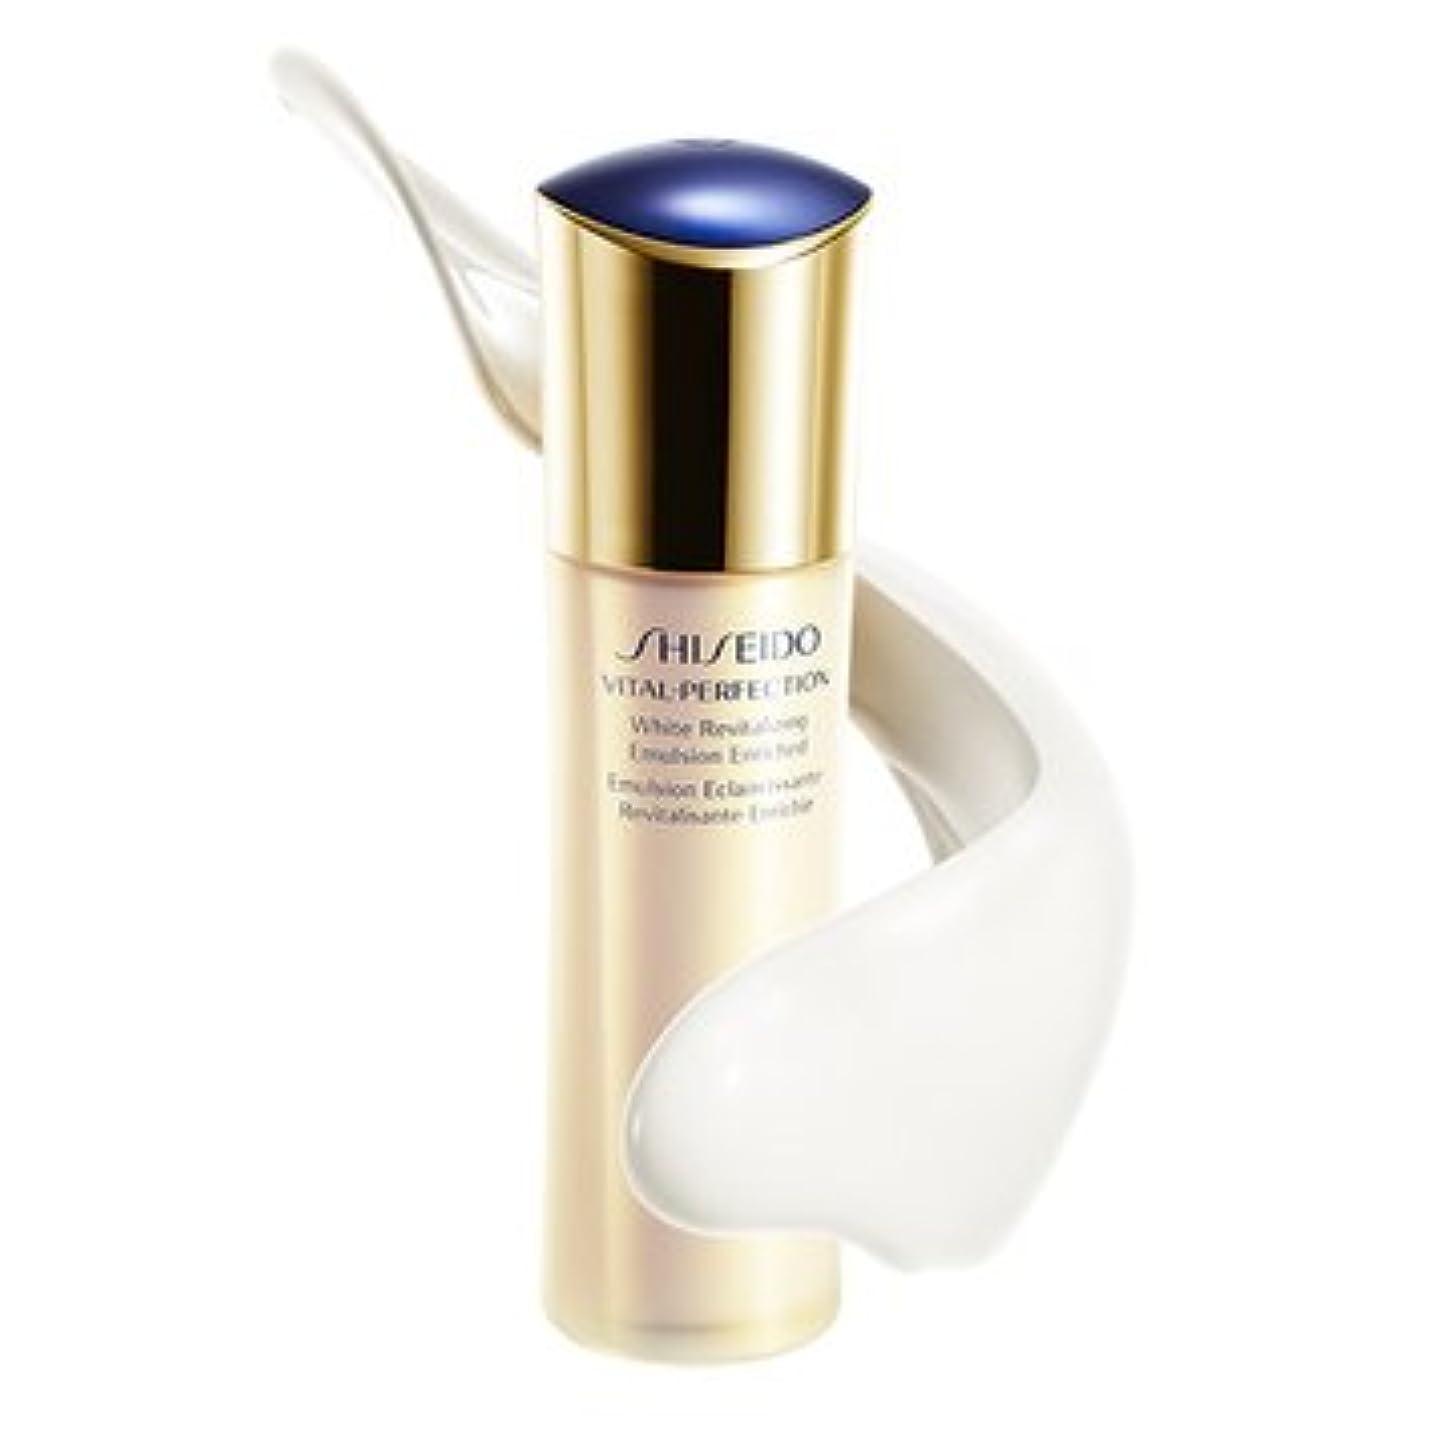 増強エトナ山インペリアル資生堂/shiseido バイタルパーフェクション/VITAL-PERFECTION ホワイトRV エマルジョン(医薬部外品)美白乳液